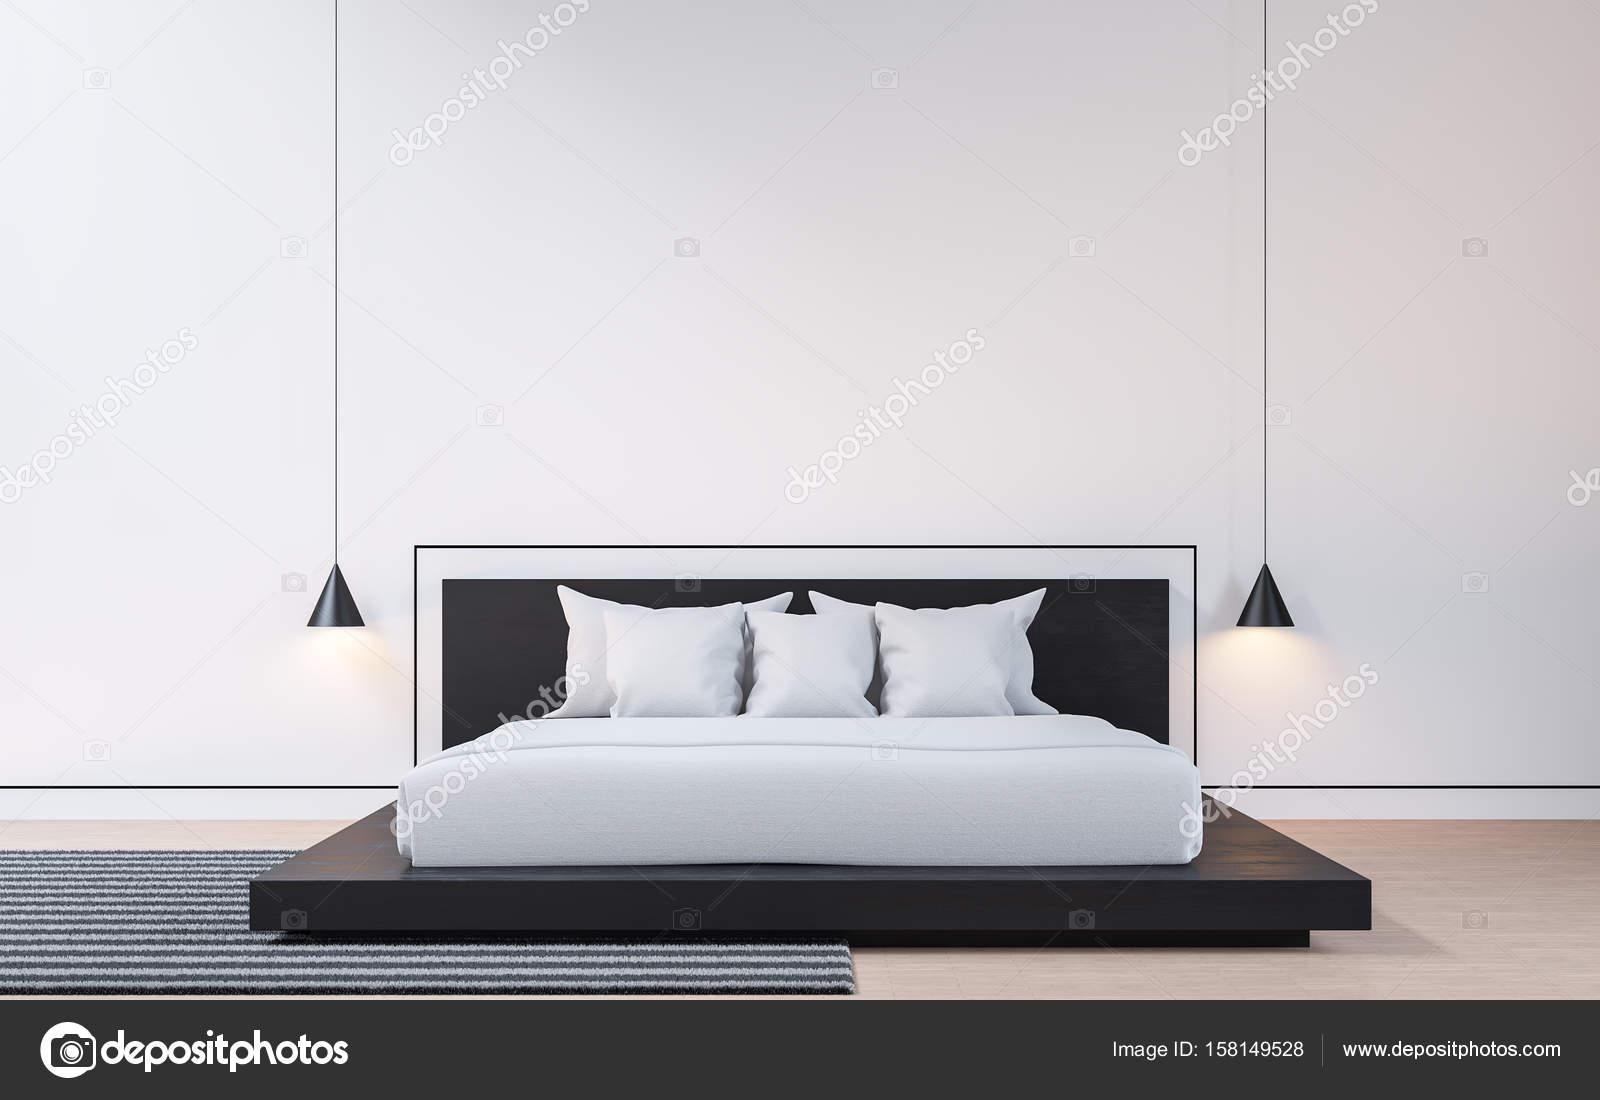 Camera Da Letto Bianco E Nero : Camera da letto moderna con rendering 3d immagine bianco e nero